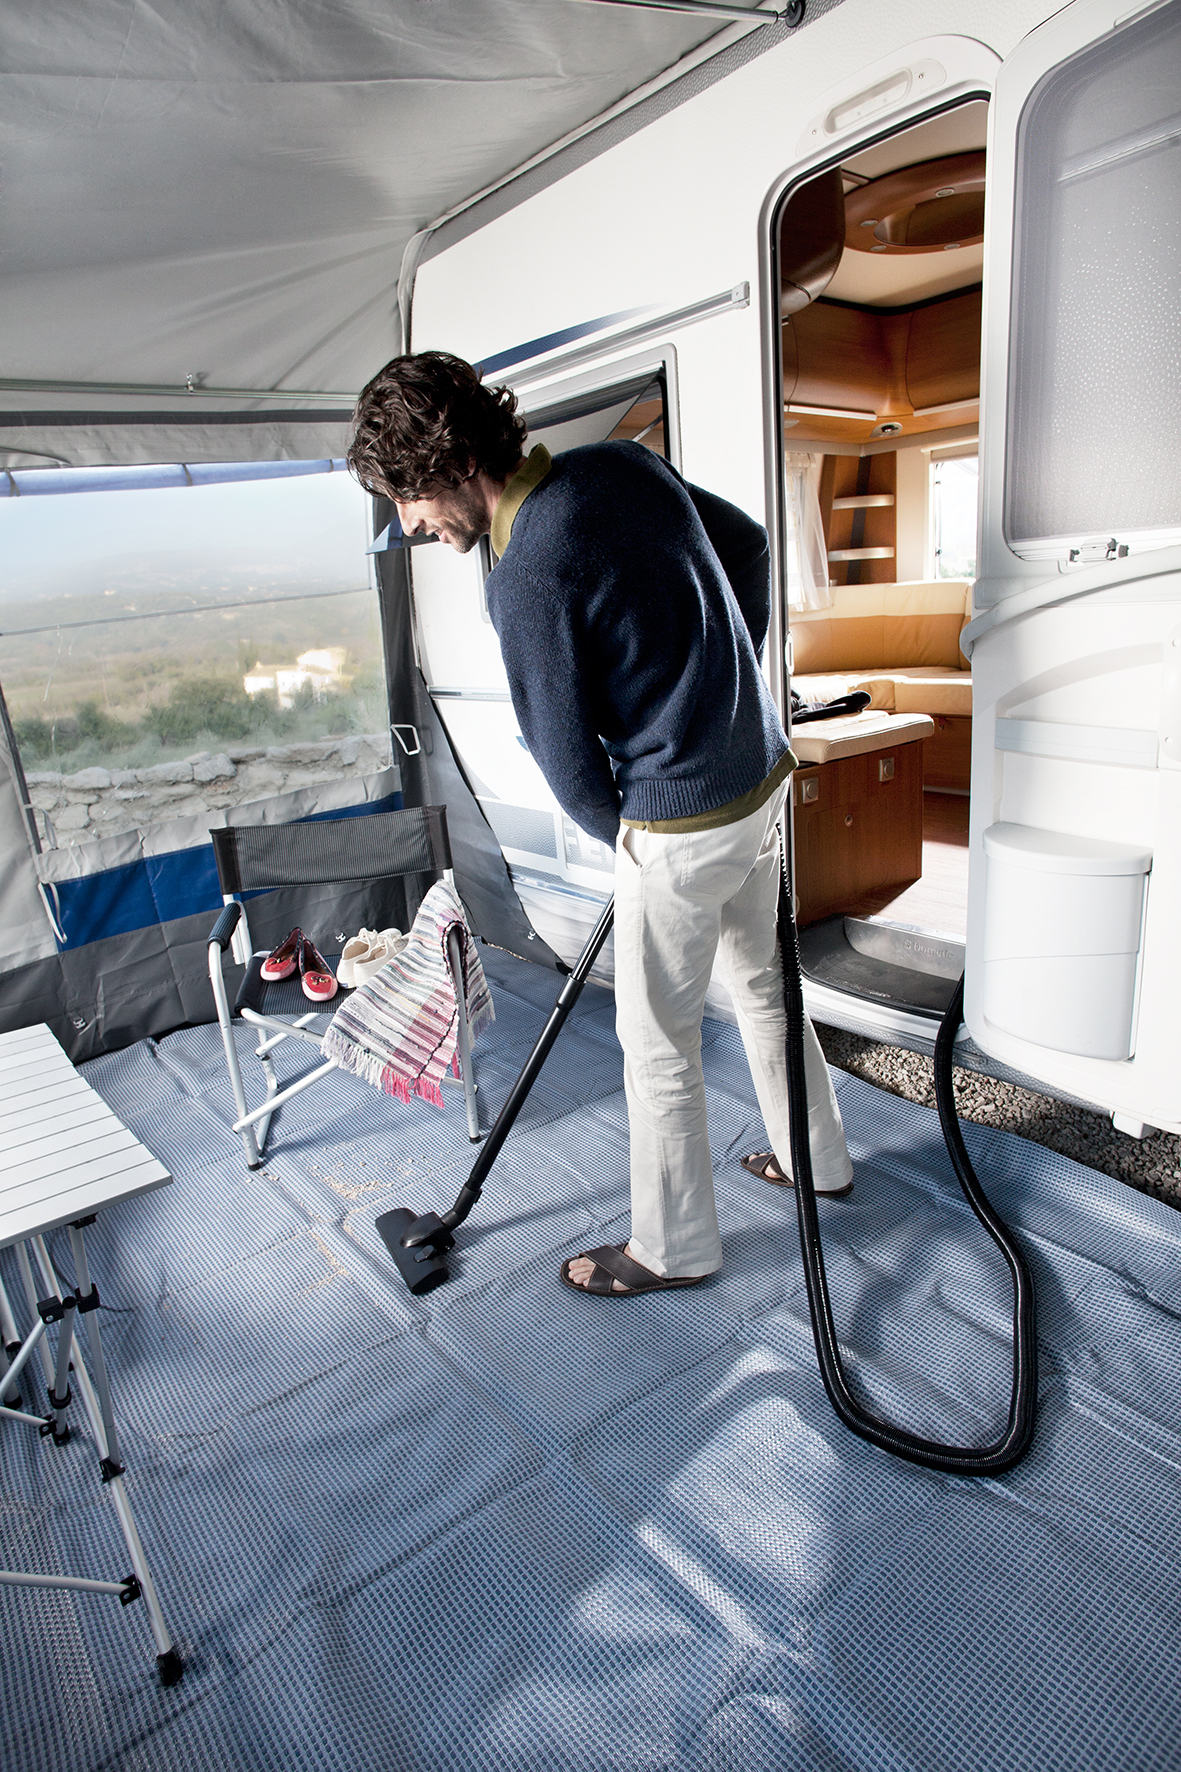 mid Düsseldorf - Für die Reinigung des Wohnmobils sind eingebaute zentrale Staubsaugersysteme eine effektive und praktische Lösung.